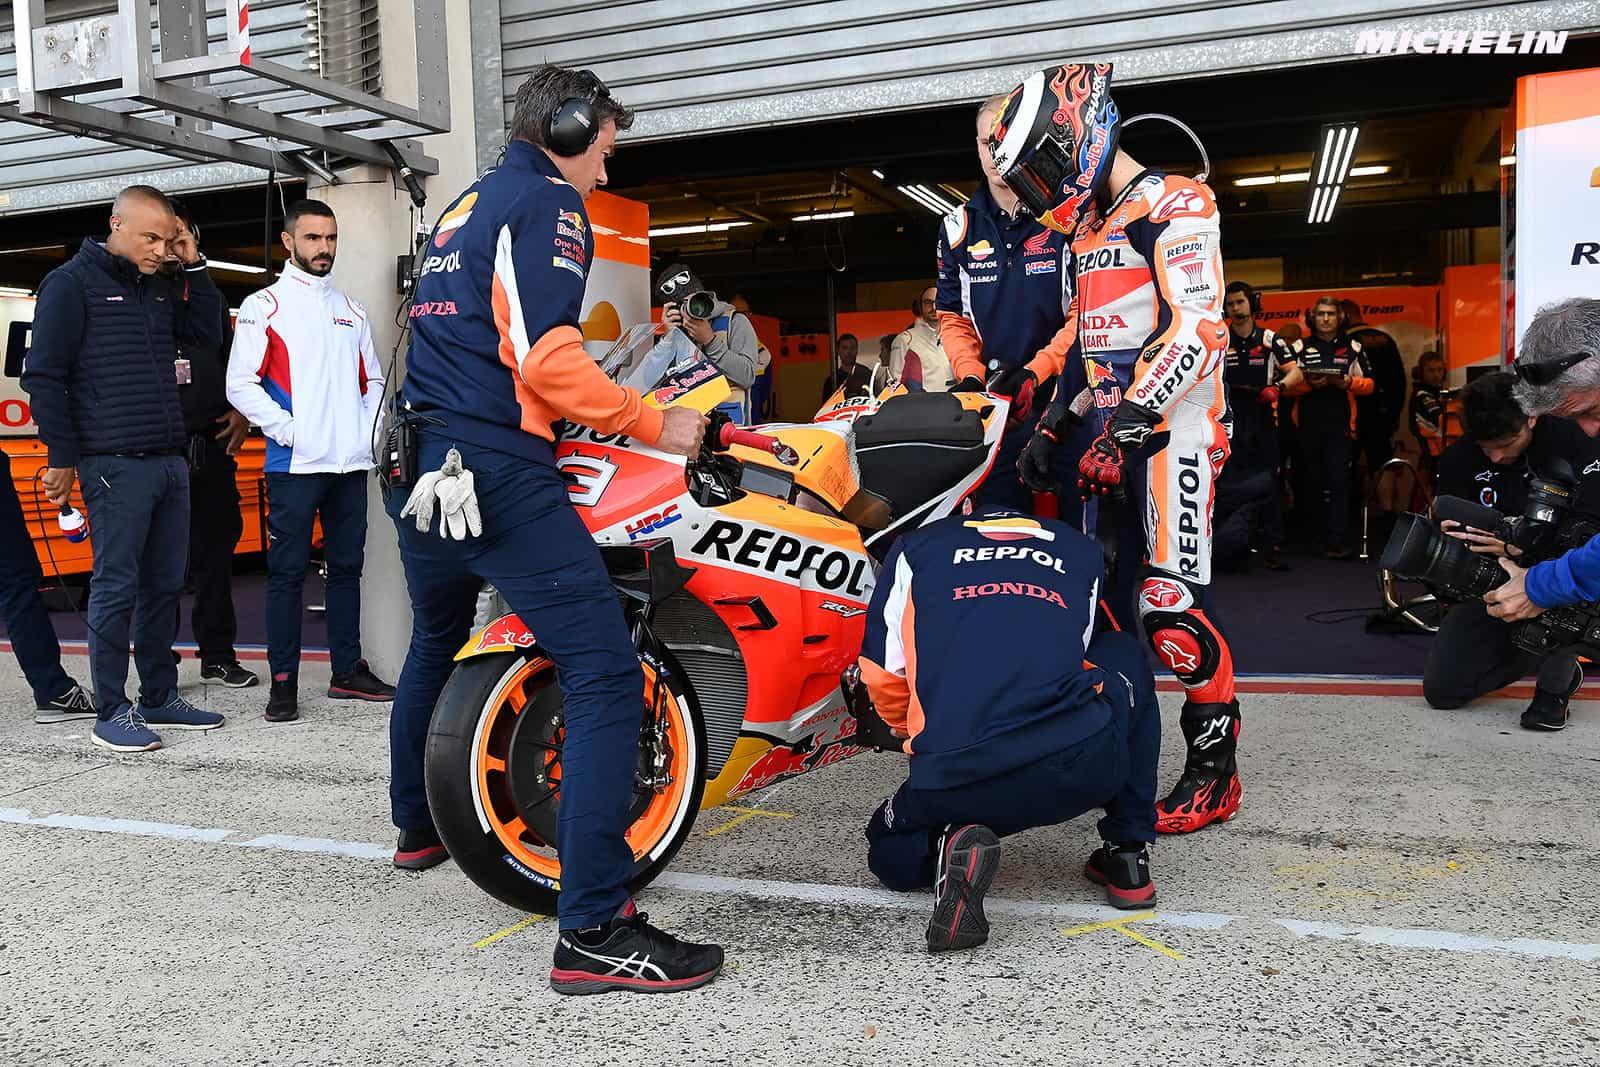 MotoGP2019 ホルへ・ロレンソ「ホンダから最後通告など受けていない」